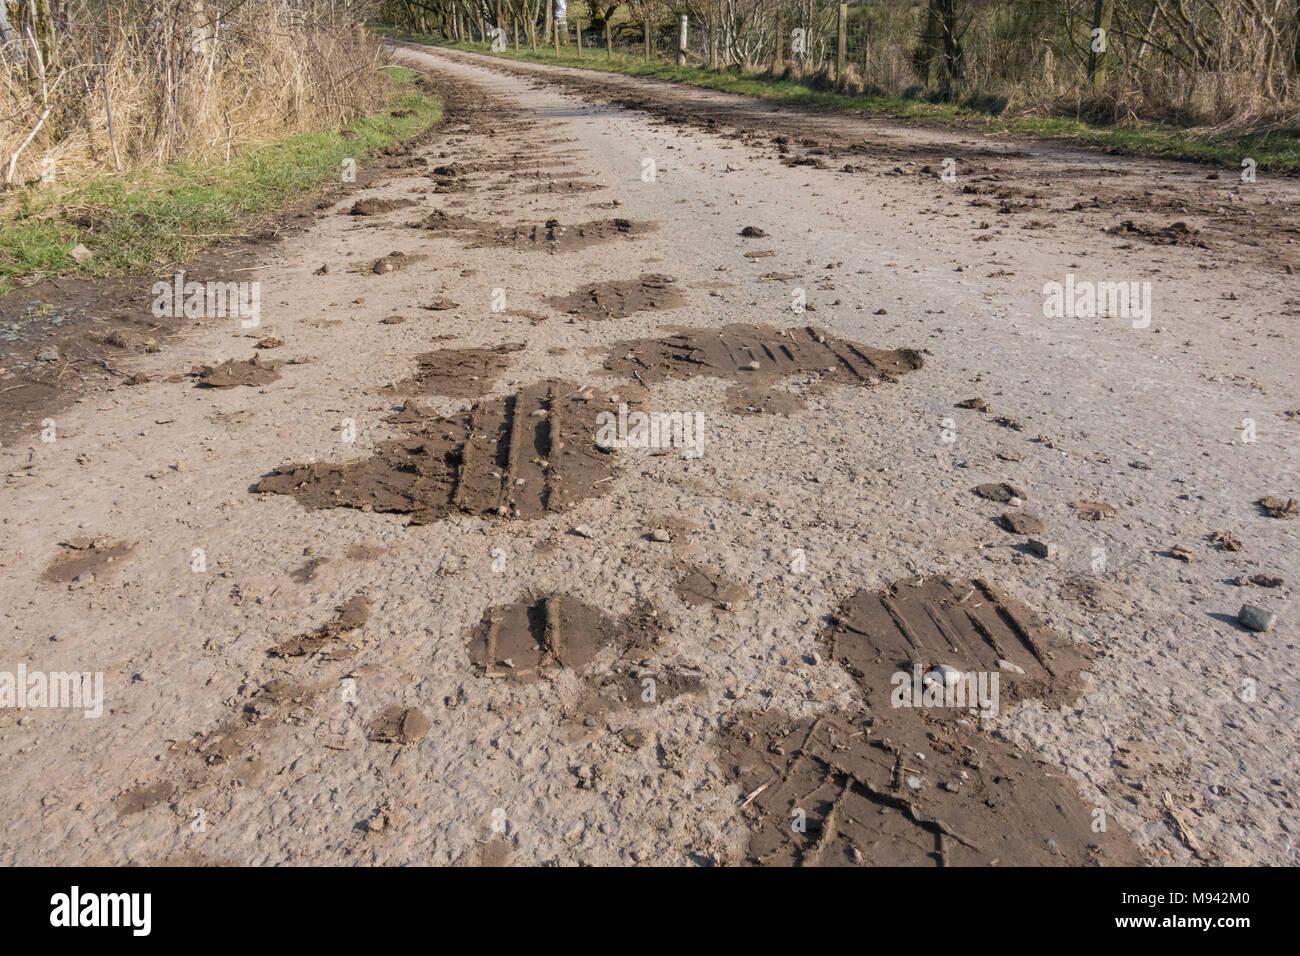 Schlamm auf ländlichen Landstraße - Großbritannien Stockbild